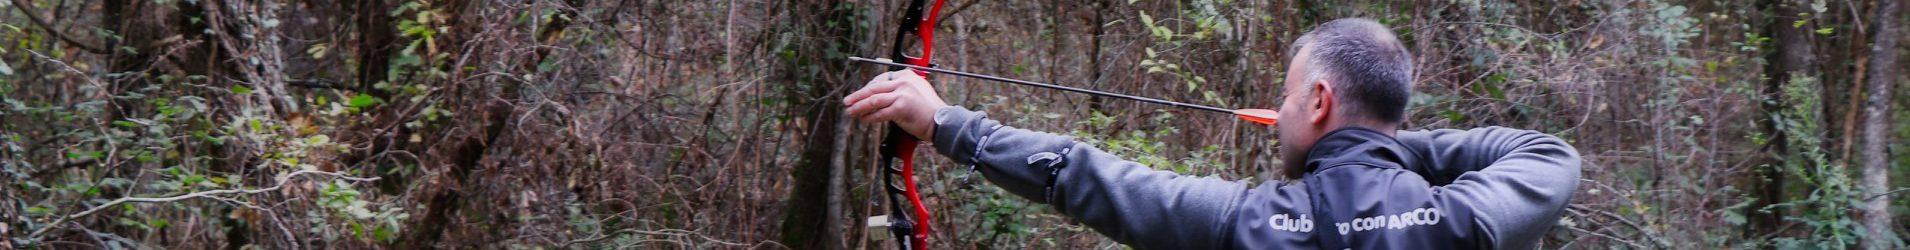 ¡Al bosque a tirar unas flechas!